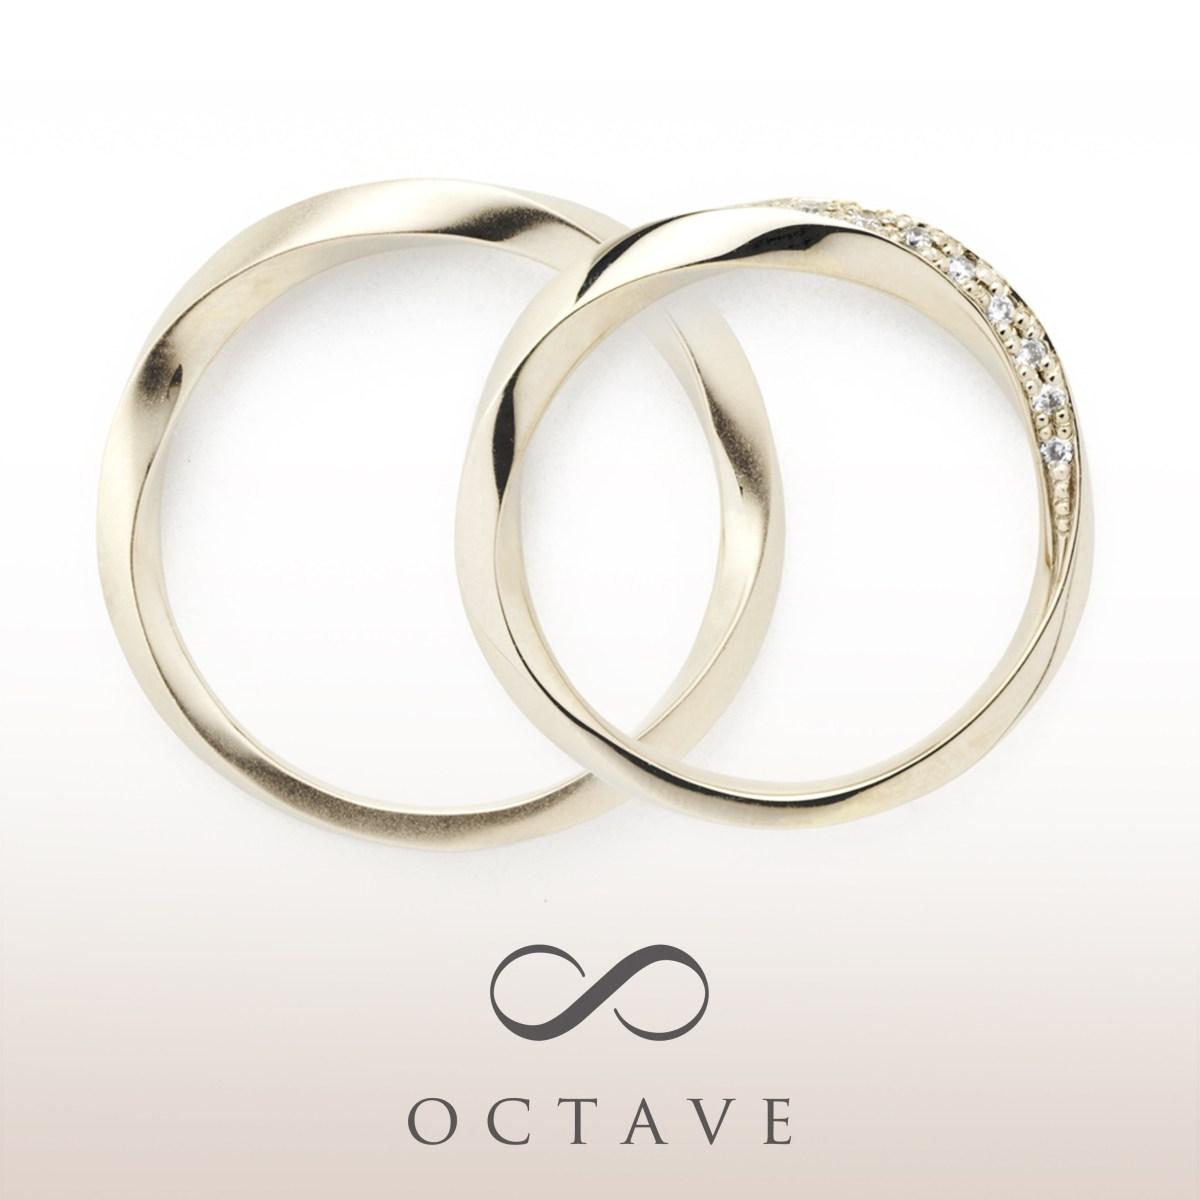 オクターヴ,OCTAVE,結婚指輪,誕生石,ベビーリング,富士,沼津,御殿場,三島